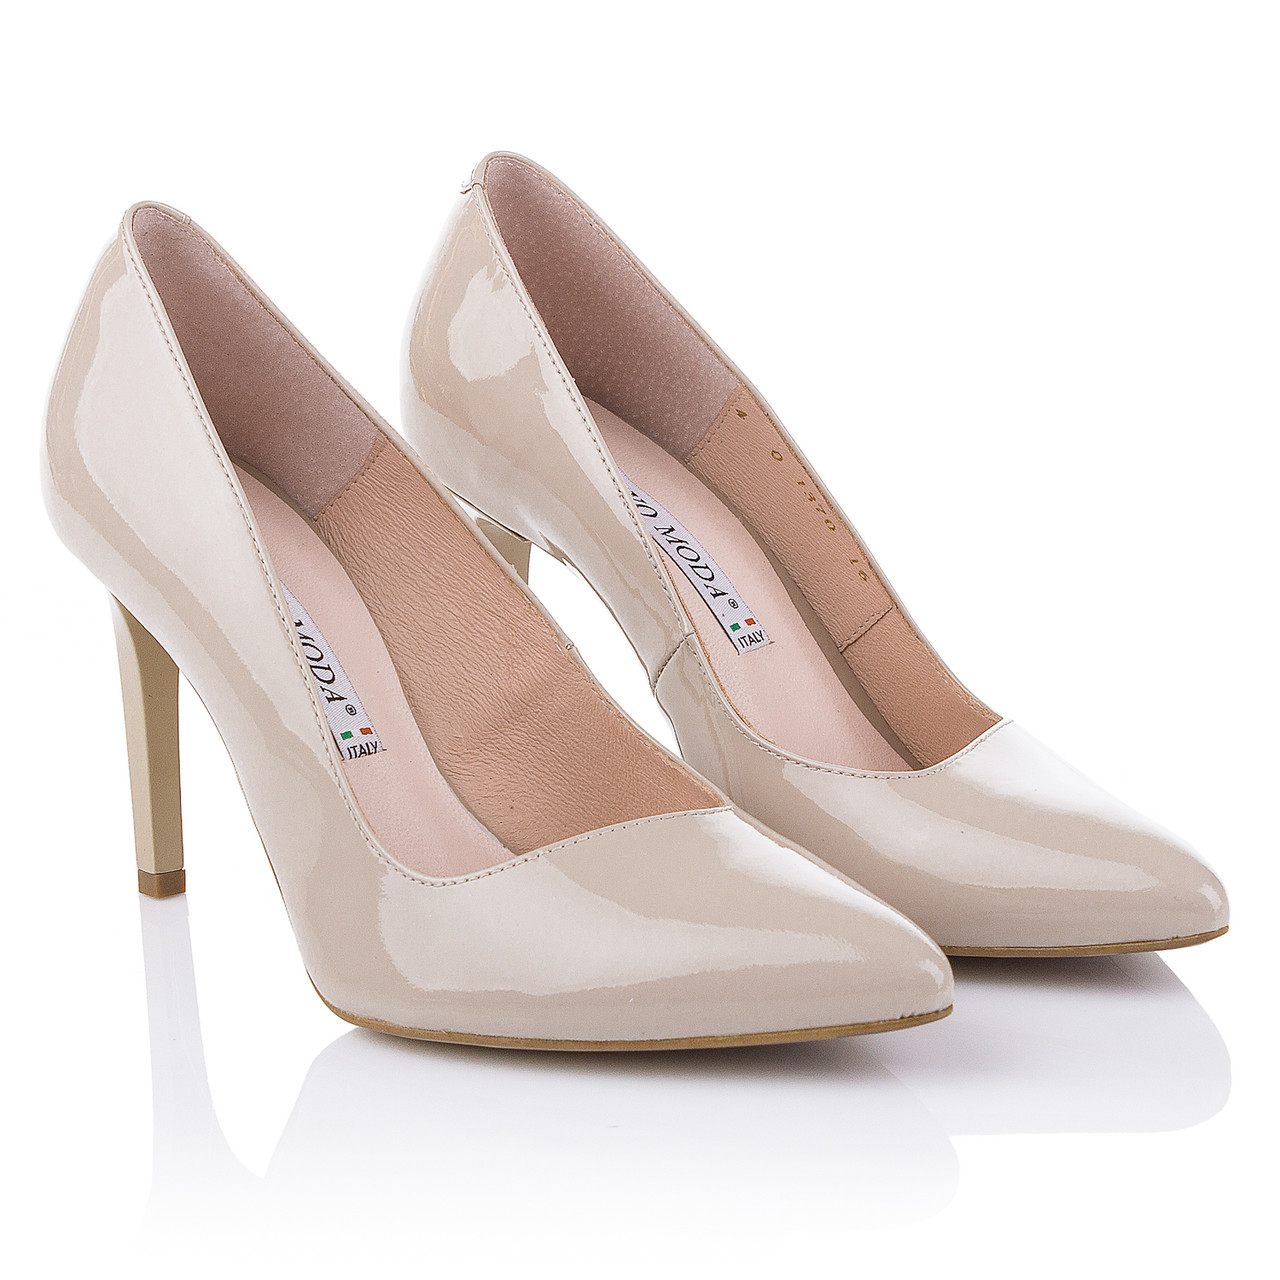 f9346d821 Женские туфли лодочки Bravo Moda (изысканные, элегантные, на высокой  шпильке, модные)